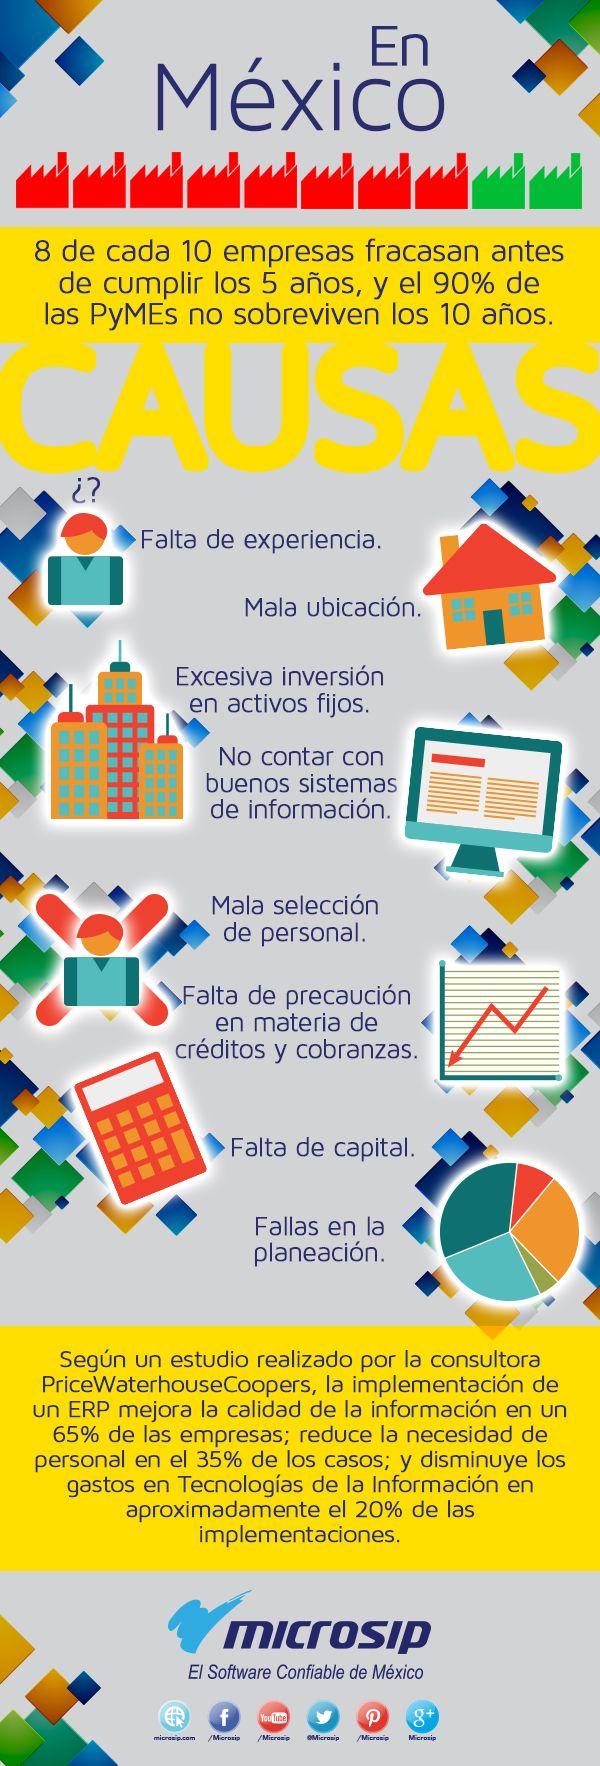 ¿Por qué fracasan 8 de cada 10 PyMEs en México?